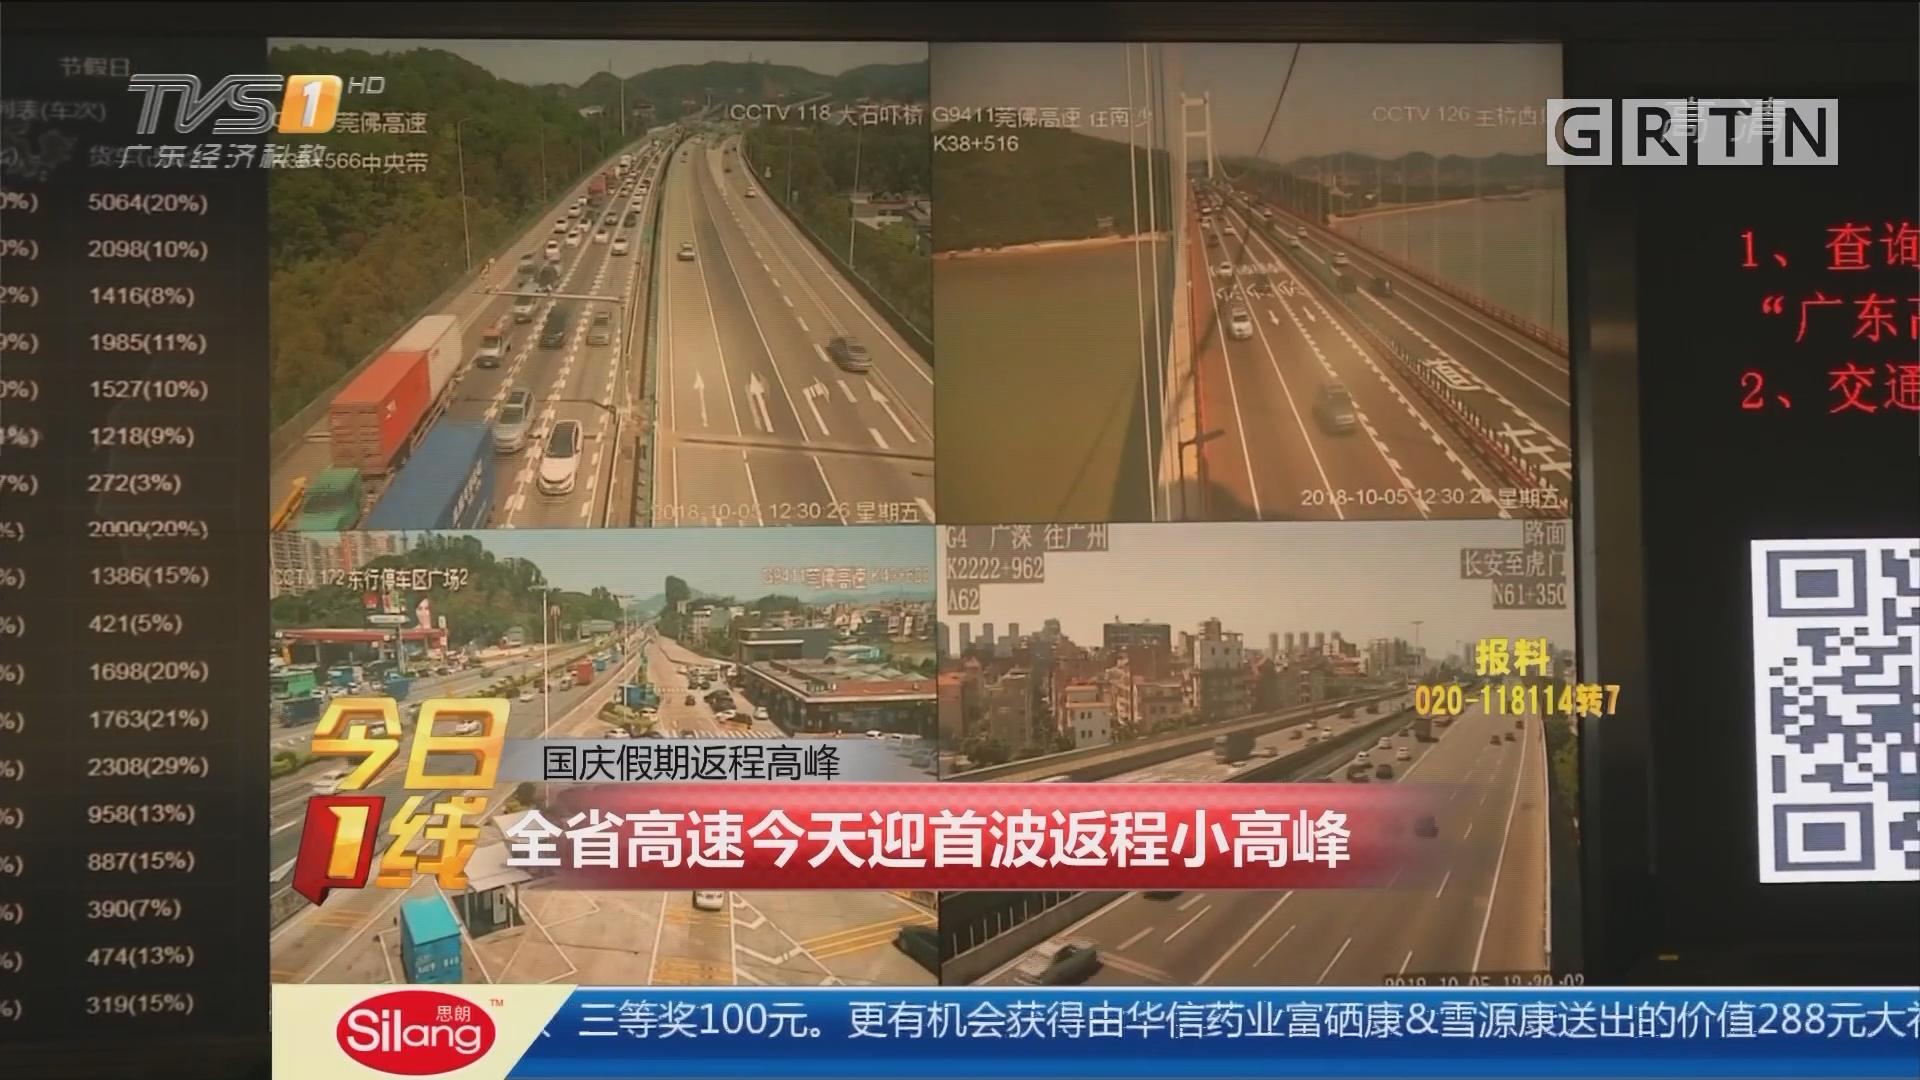 国庆假期返程高峰:全省高速今天迎首波返程小高峰